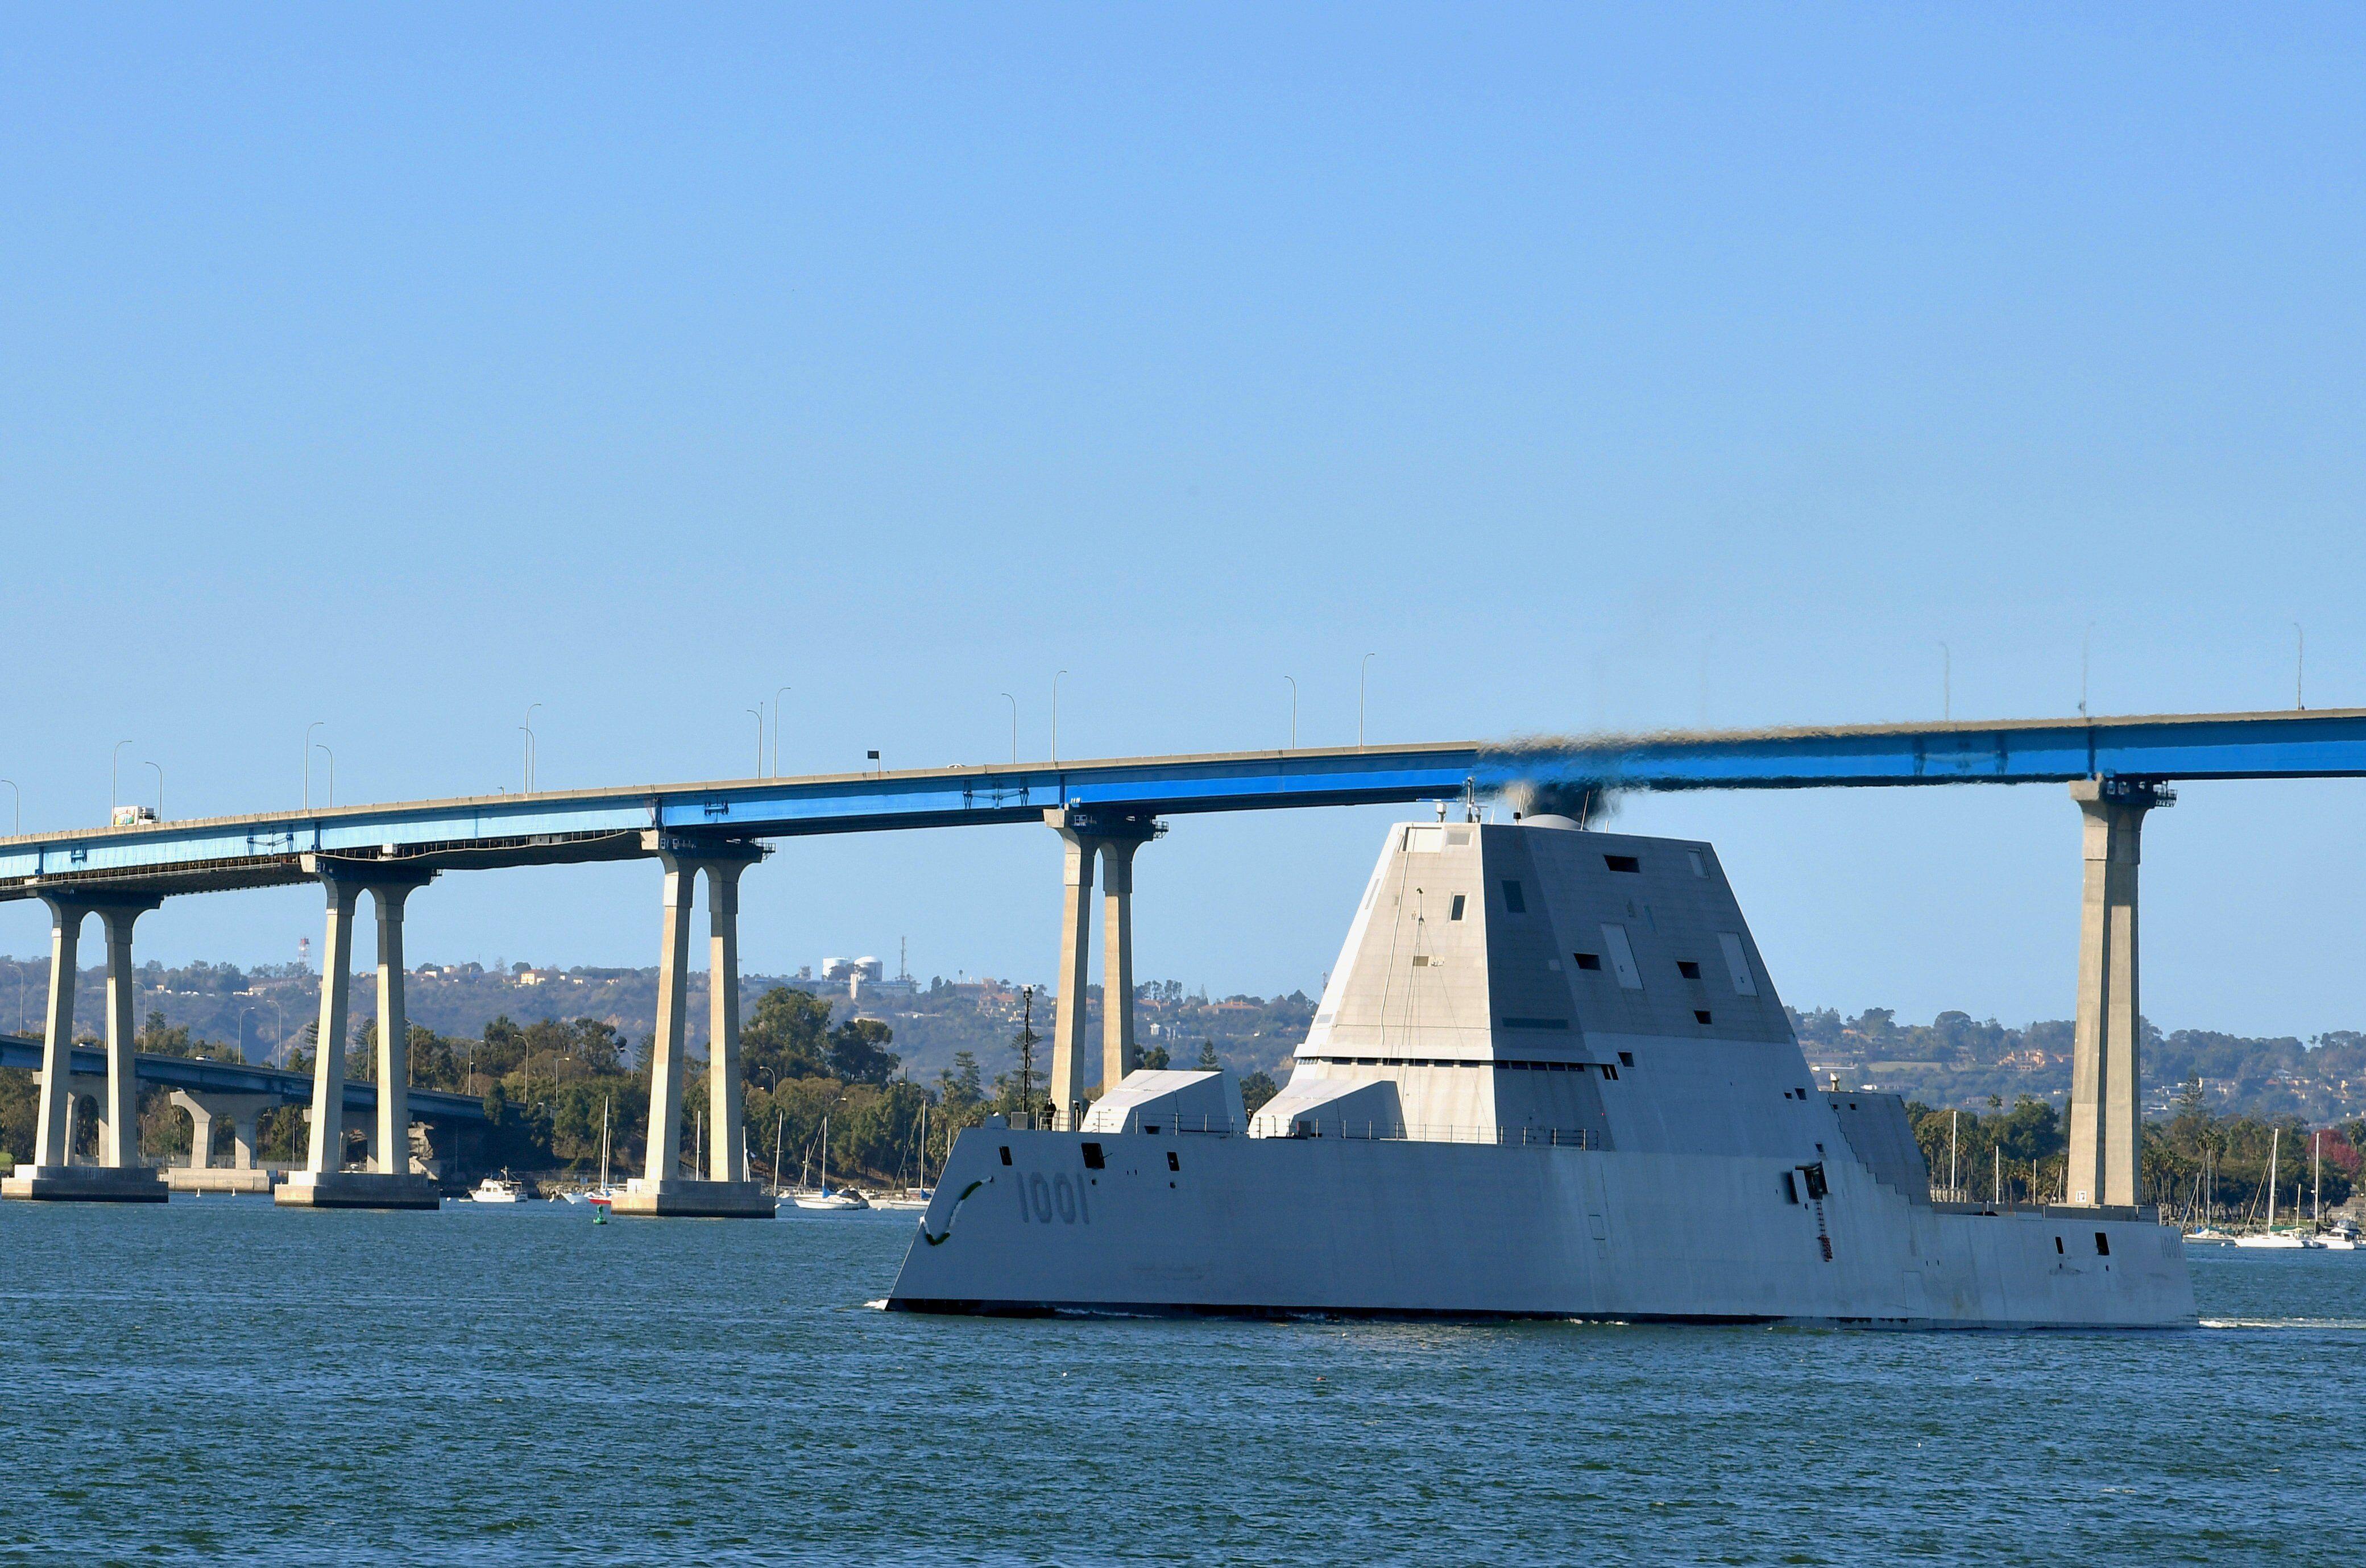 """美国海军""""迈克尔·孟索尔""""号驱逐舰,系朱姆沃尔特级2号舰"""